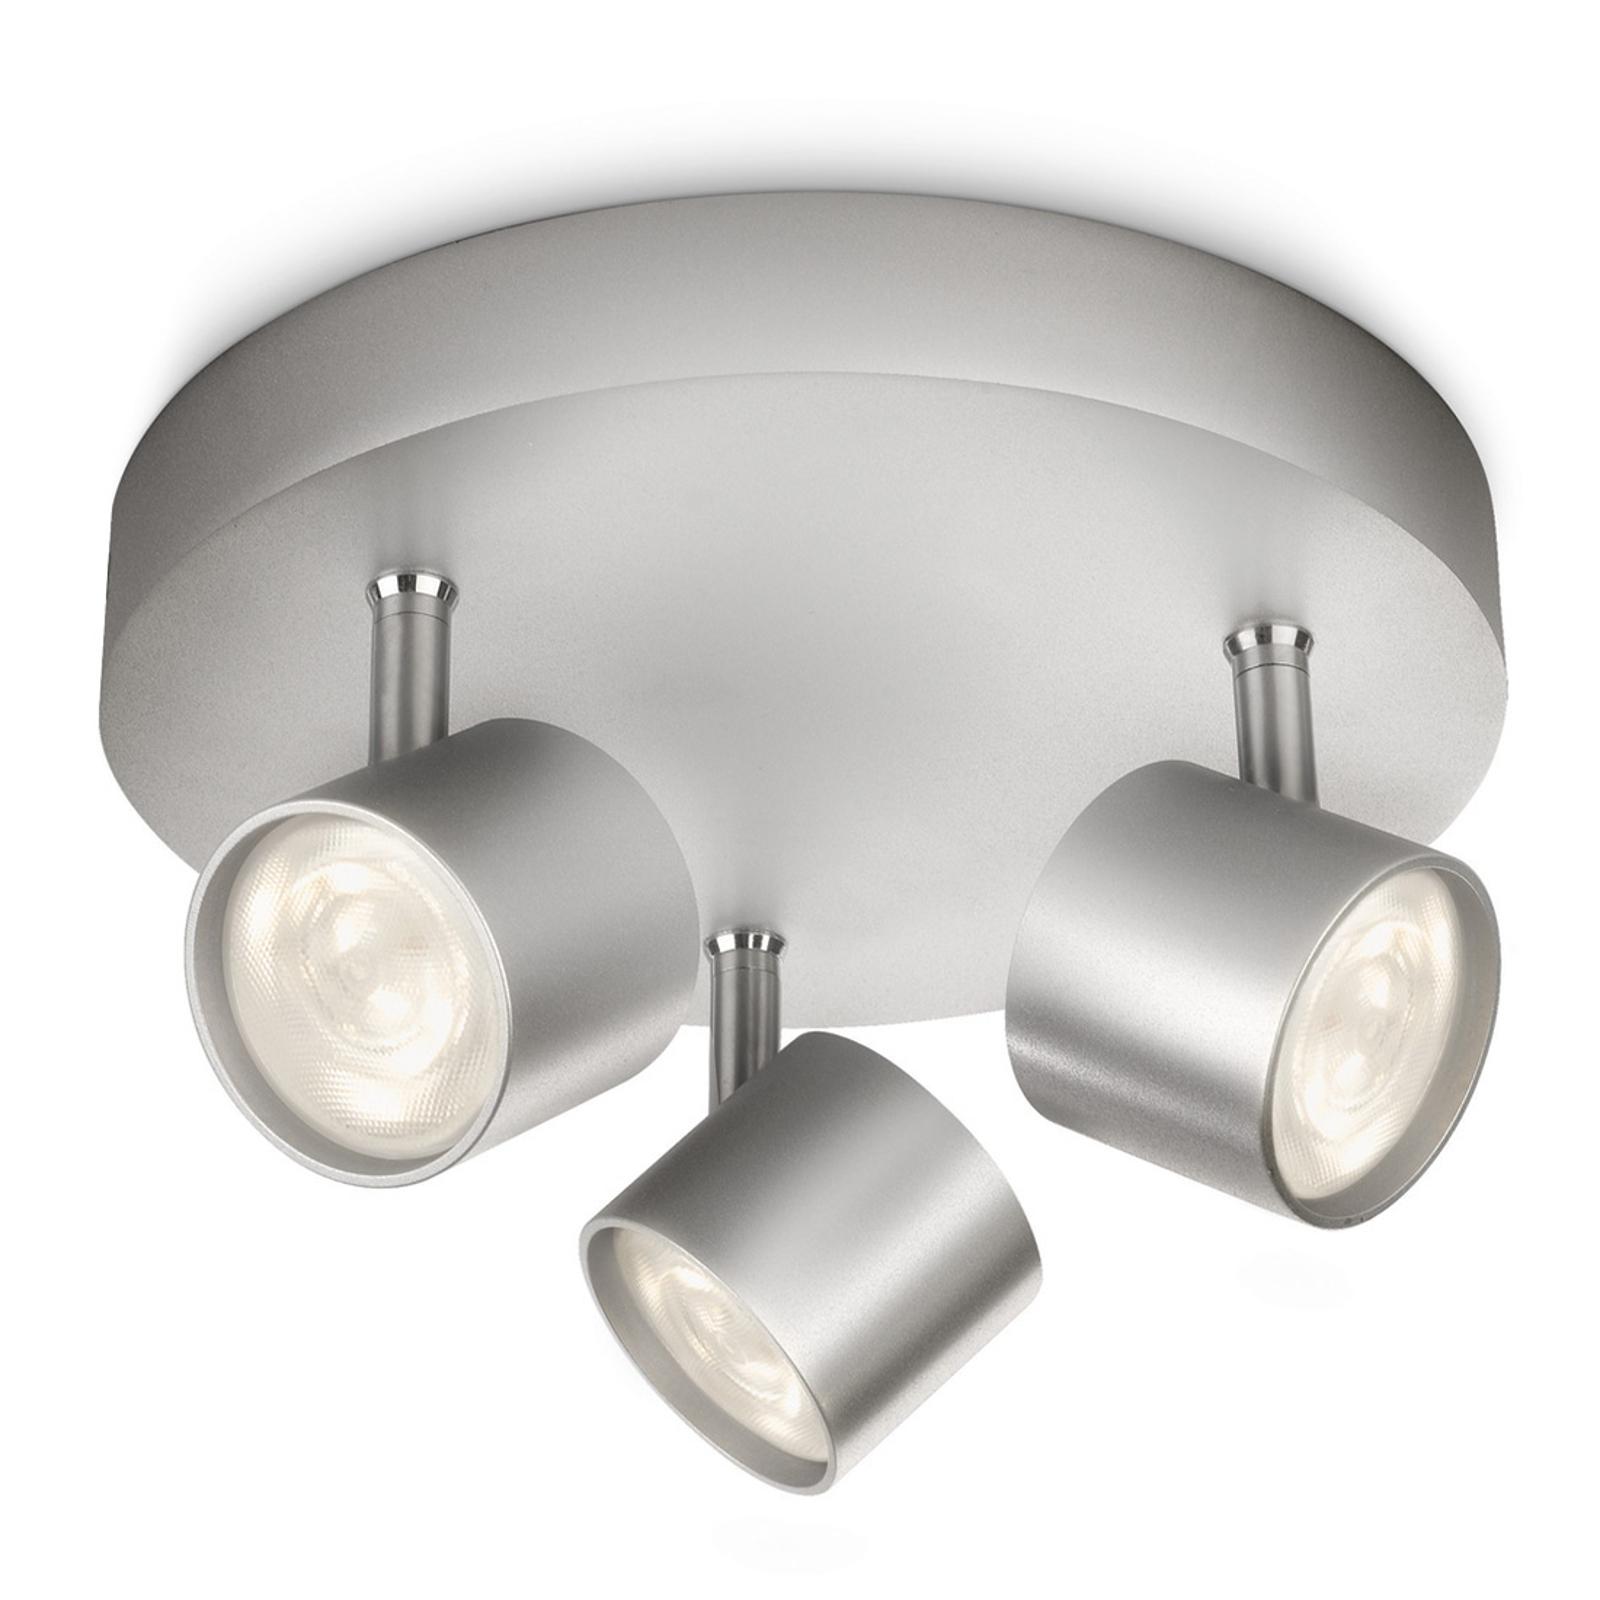 Rund LED loftlampe Star, m. 3 lyskilder, svingbar